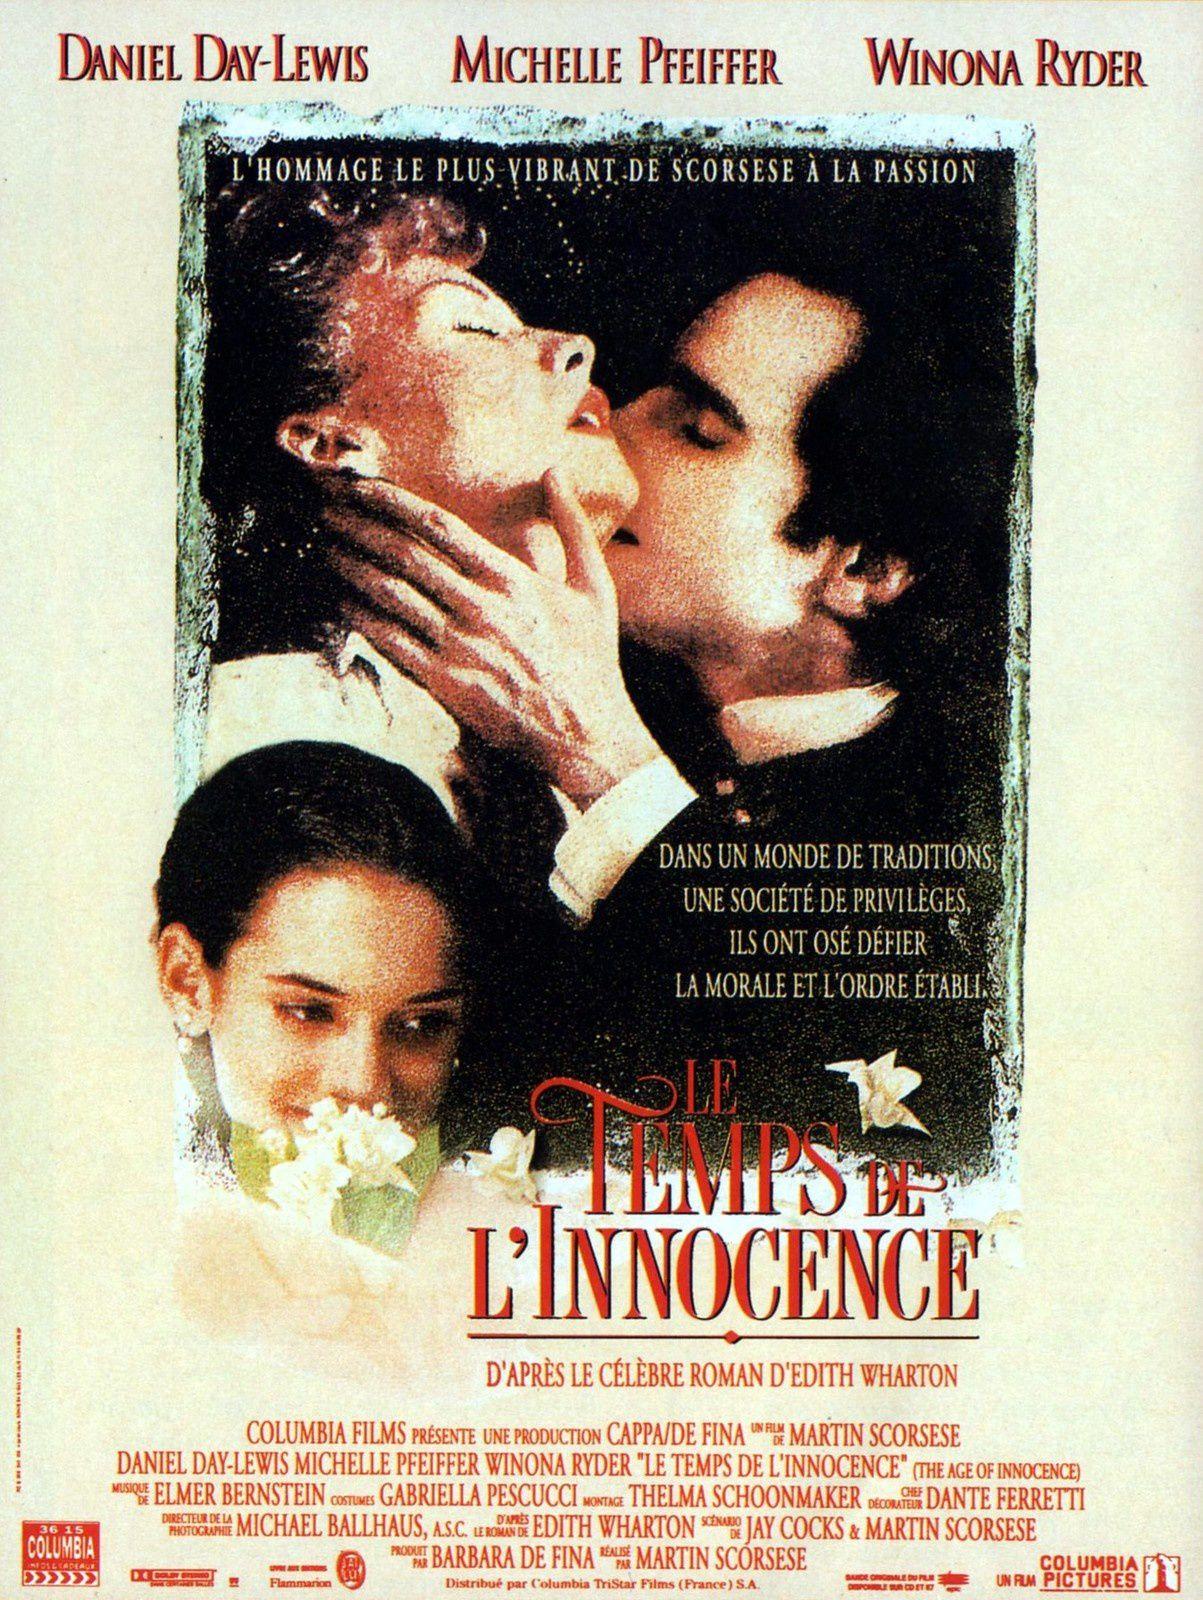 19 Octobre-0h10 : Littérature et Cinéma : Le temps de l'innocence